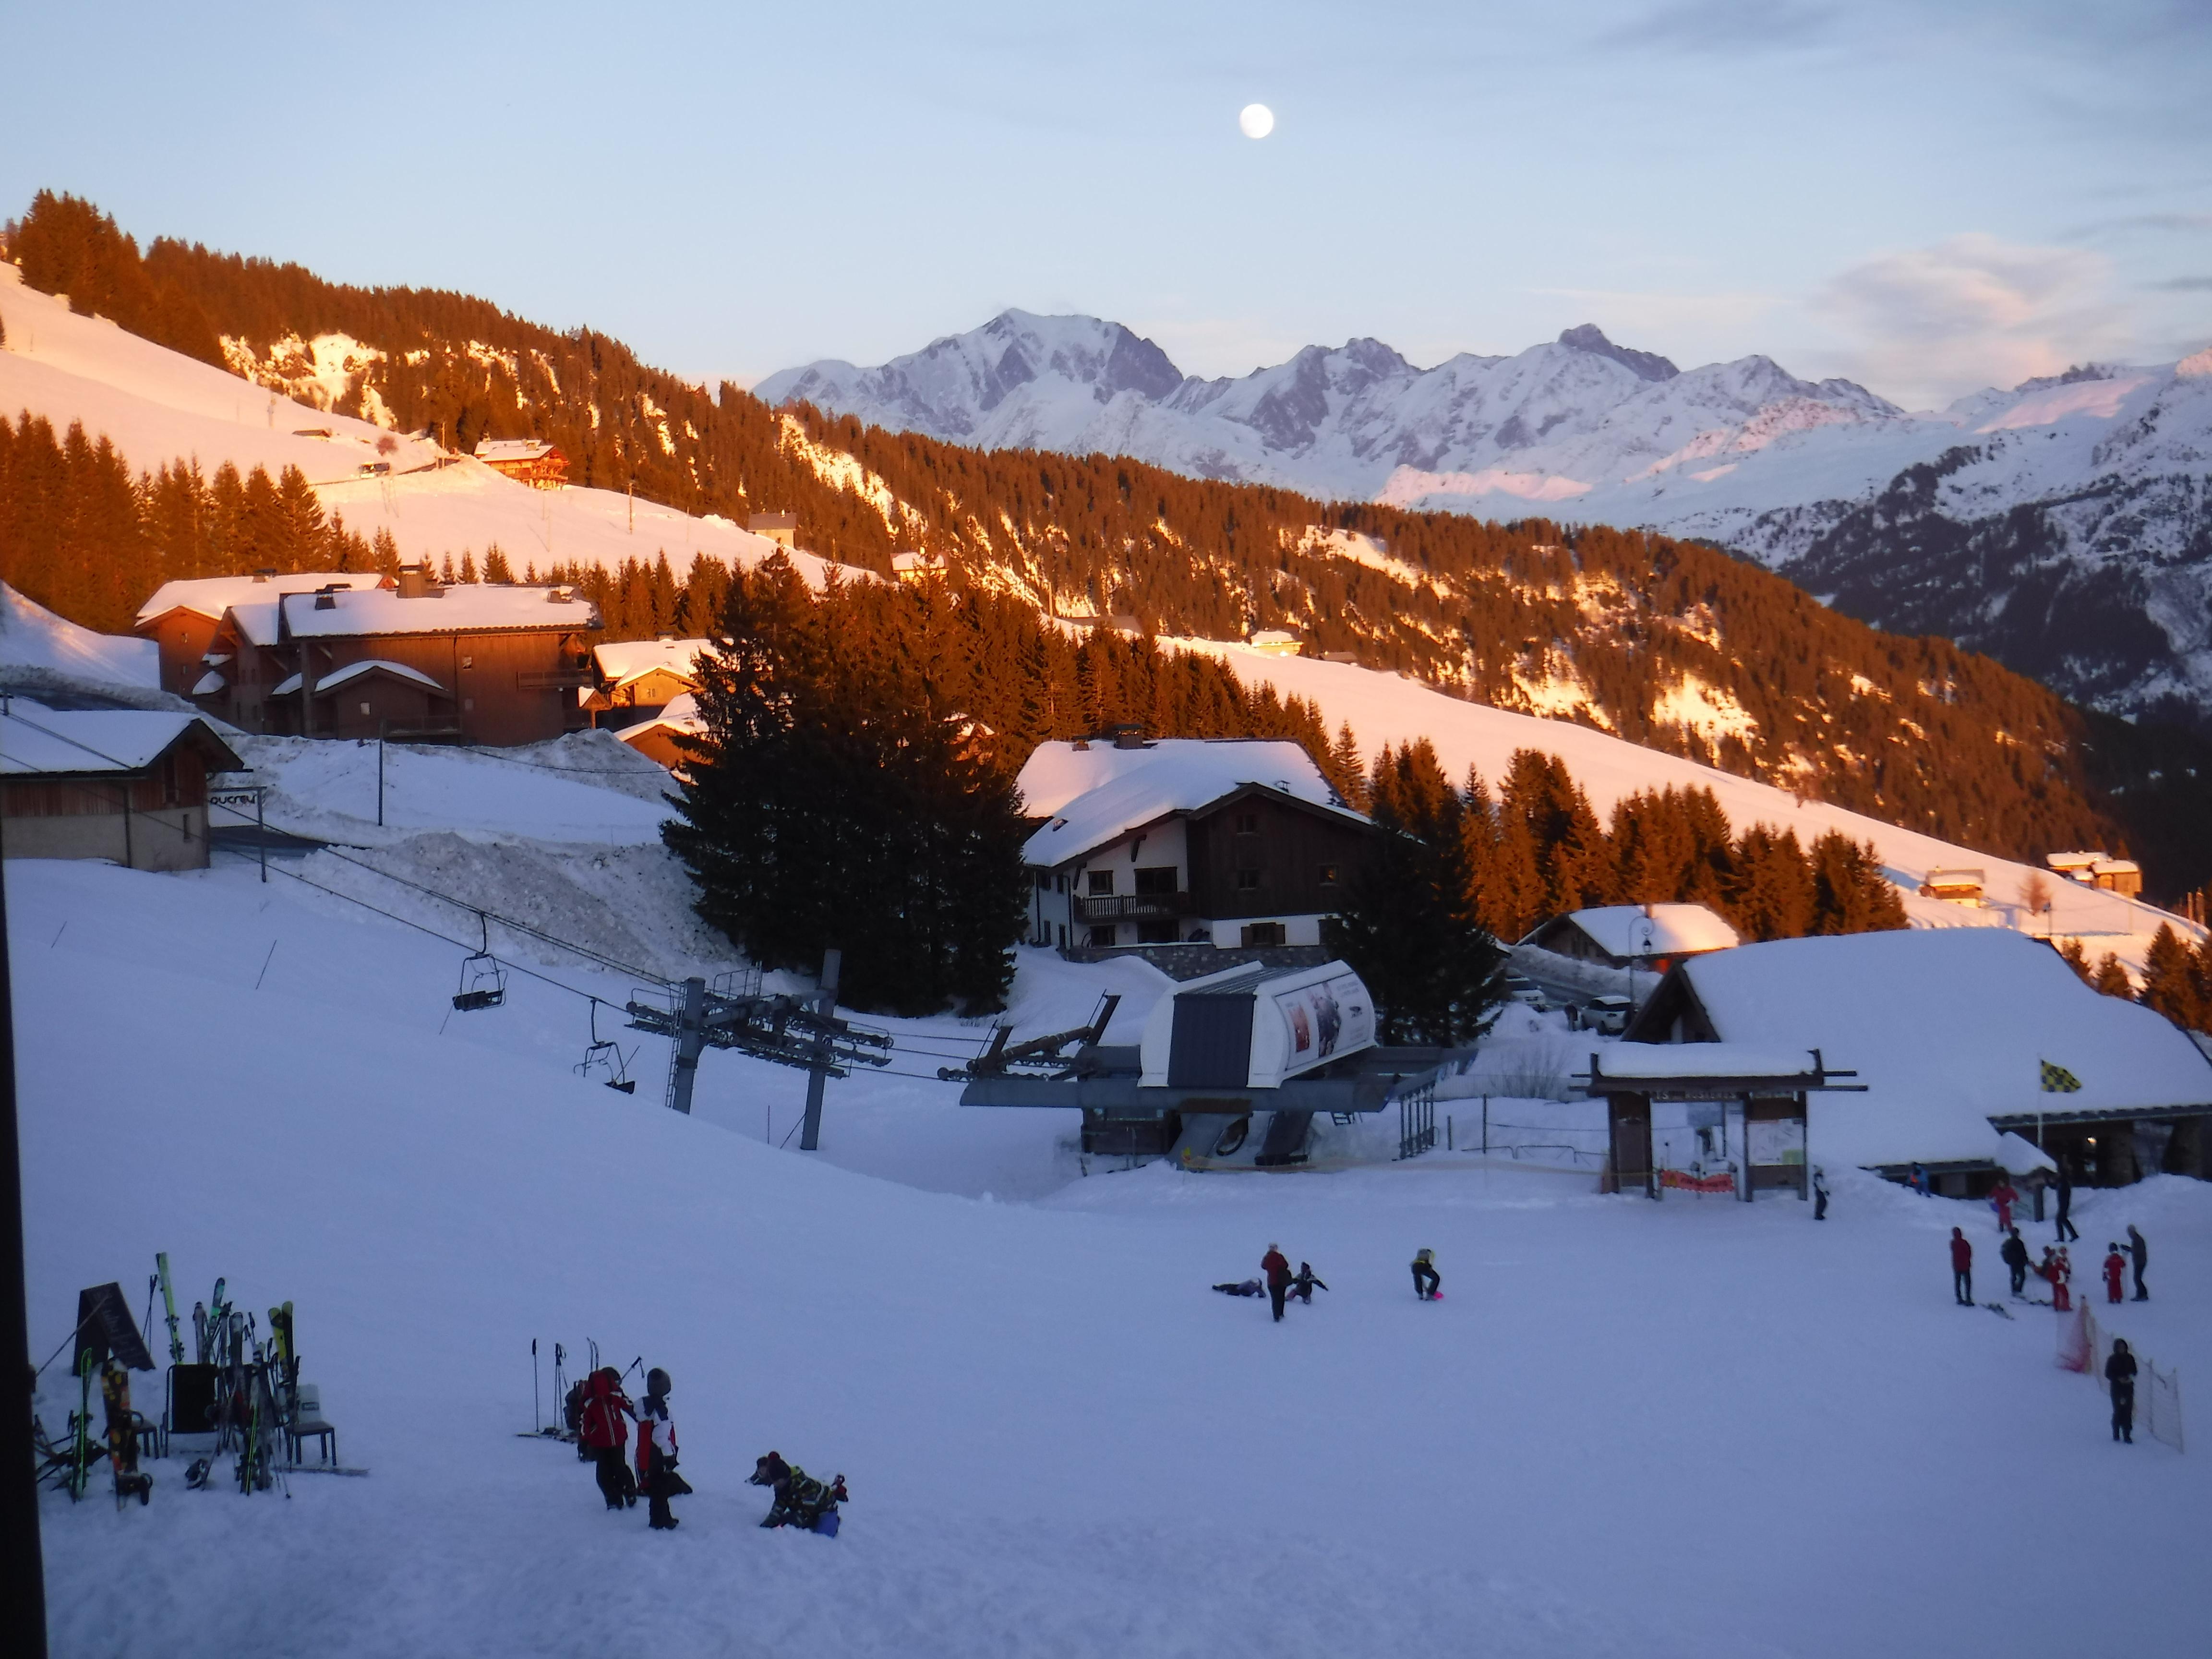 Coucher de soleil sur le Mont-BlancAppartement en Location à Bisanne 1500 - Villard sur Doron - Savoie - AlpesAppartement en Location à Bisanne 1500 - Villard sur Doron - Savoie - Alpes